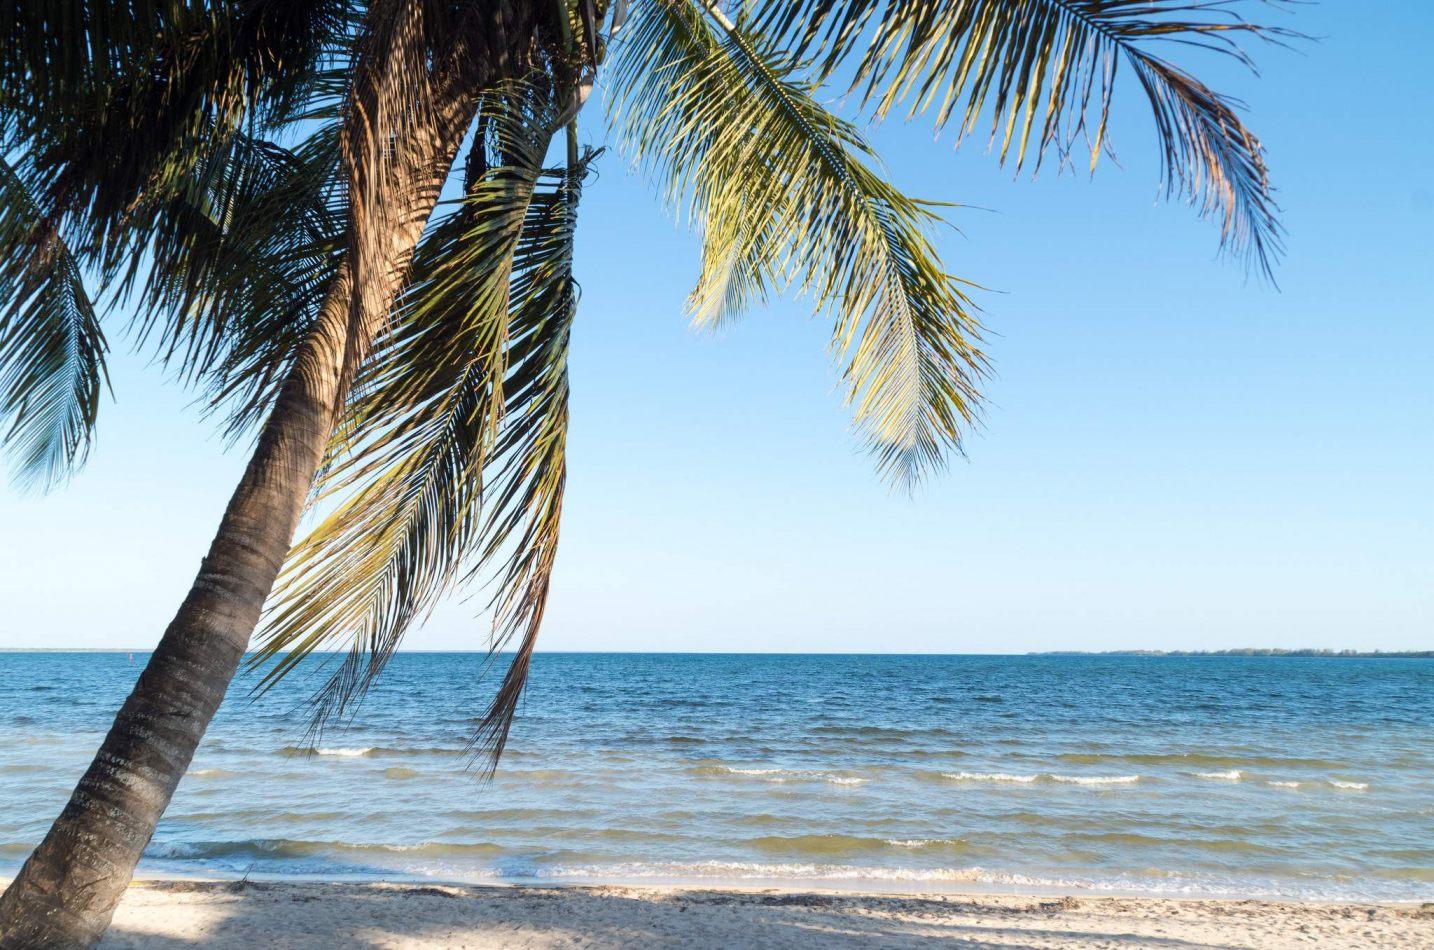 Hibiscus & Nomada : Cuba - Cayo Jutias